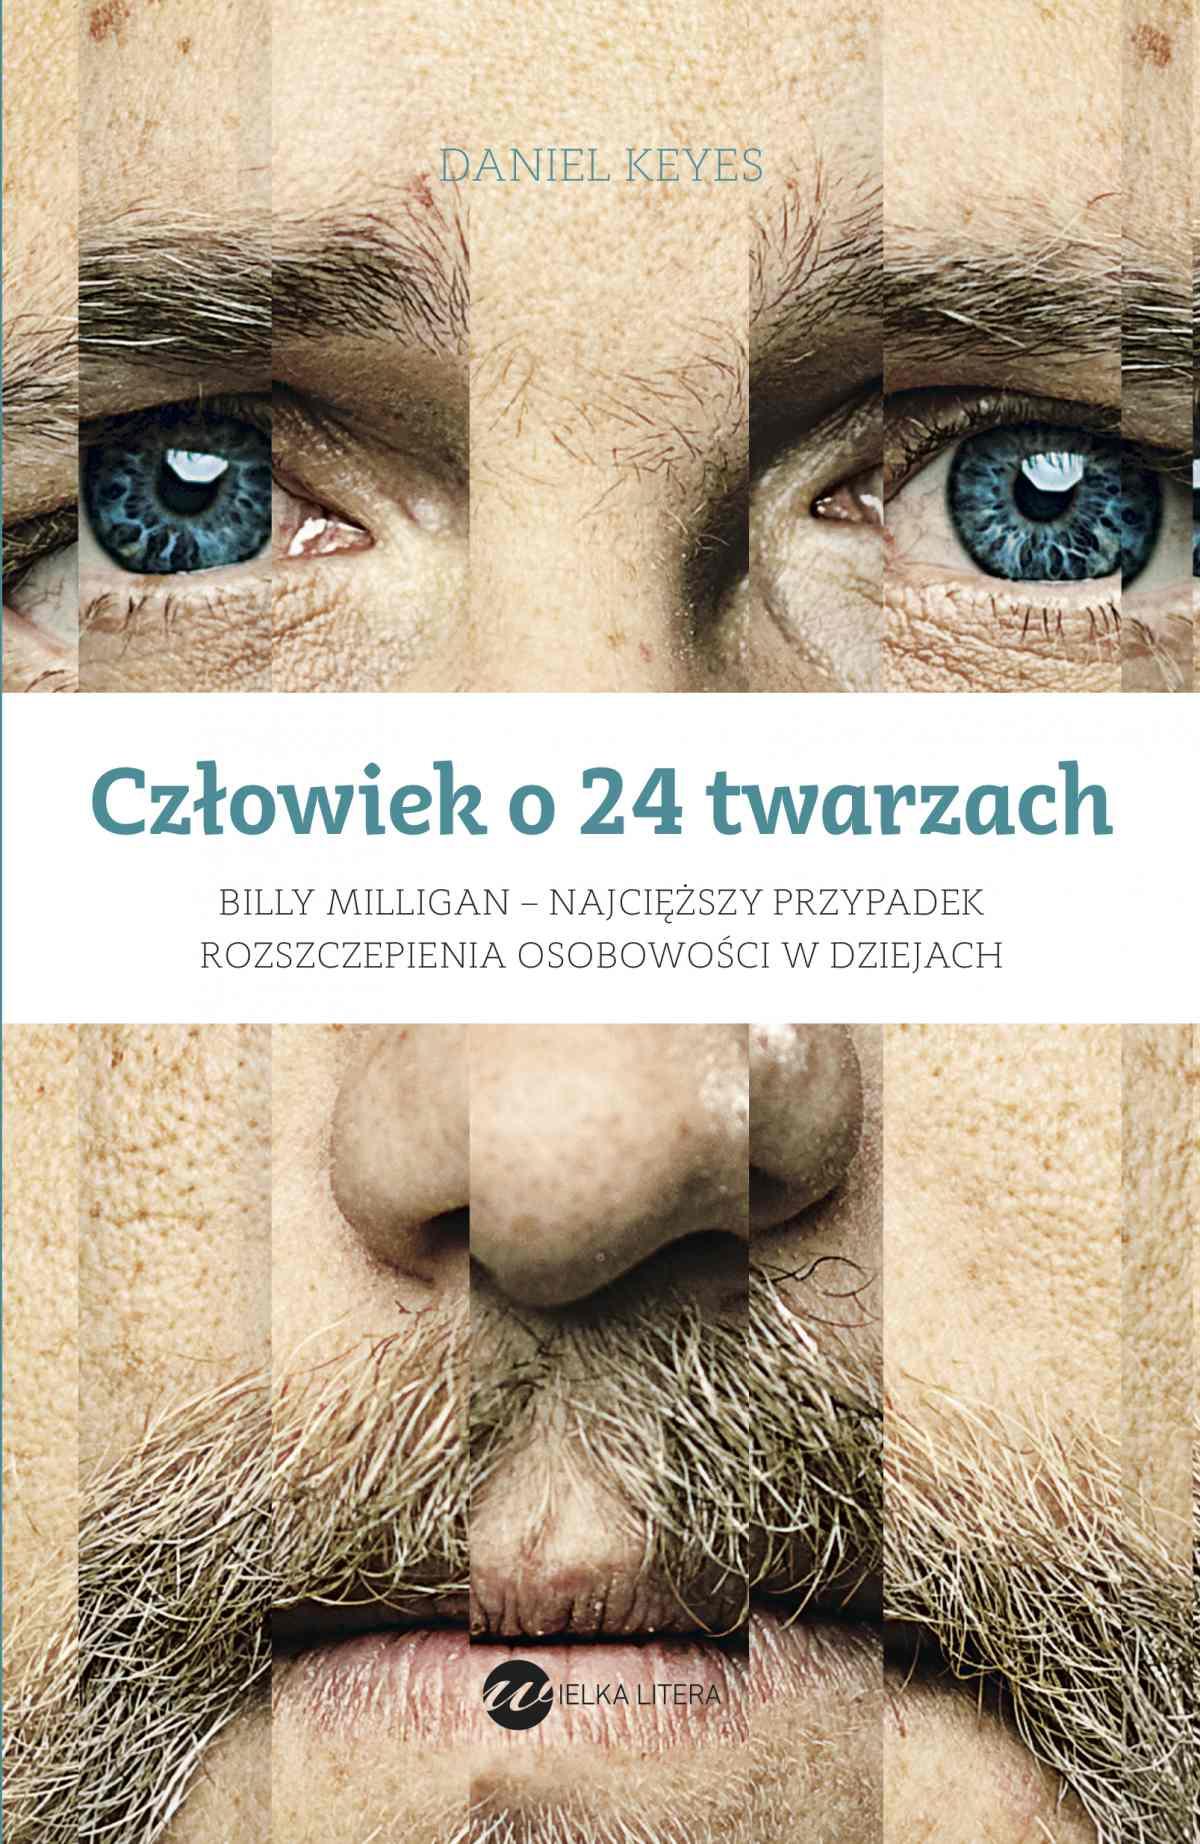 Człowiek o 24 twarzach - Ebook (Książka EPUB) do pobrania w formacie EPUB